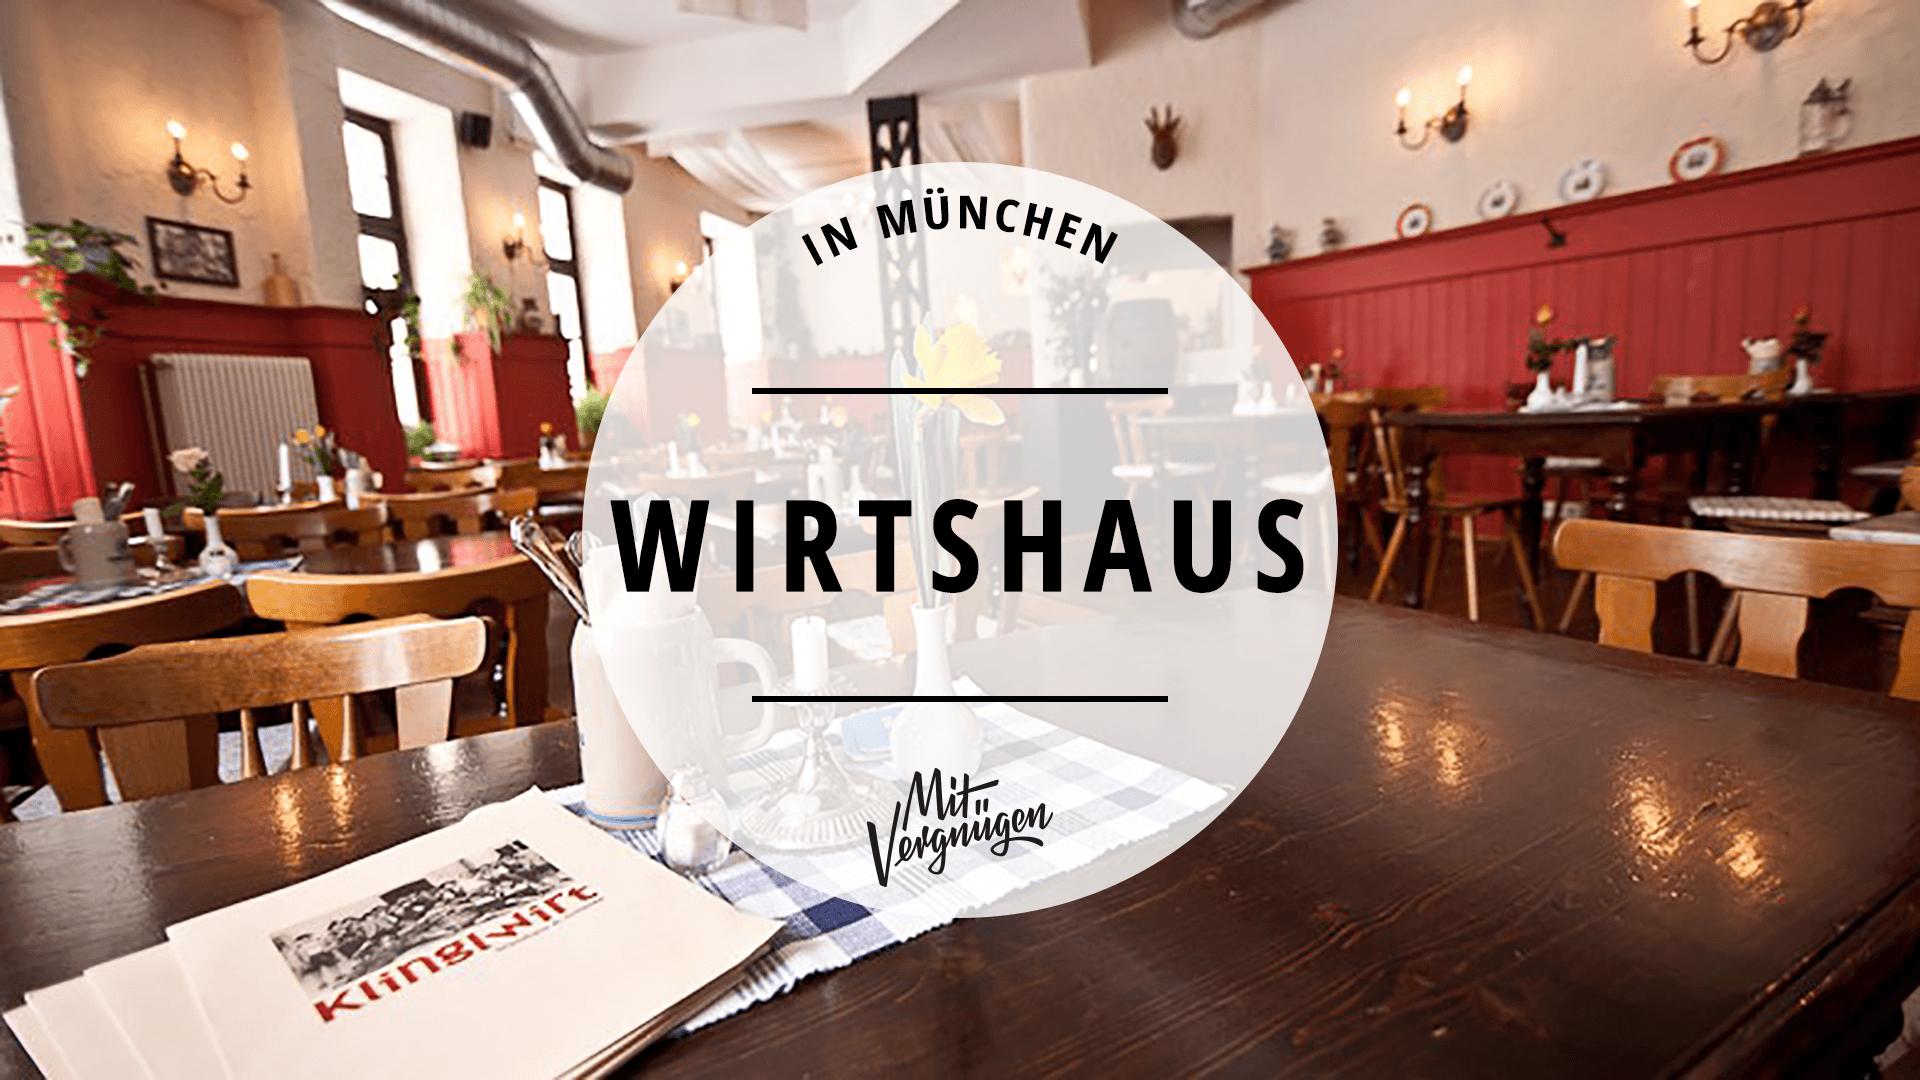 20 richtig gute Wirtshäuser in München  Mit Vergnügen München